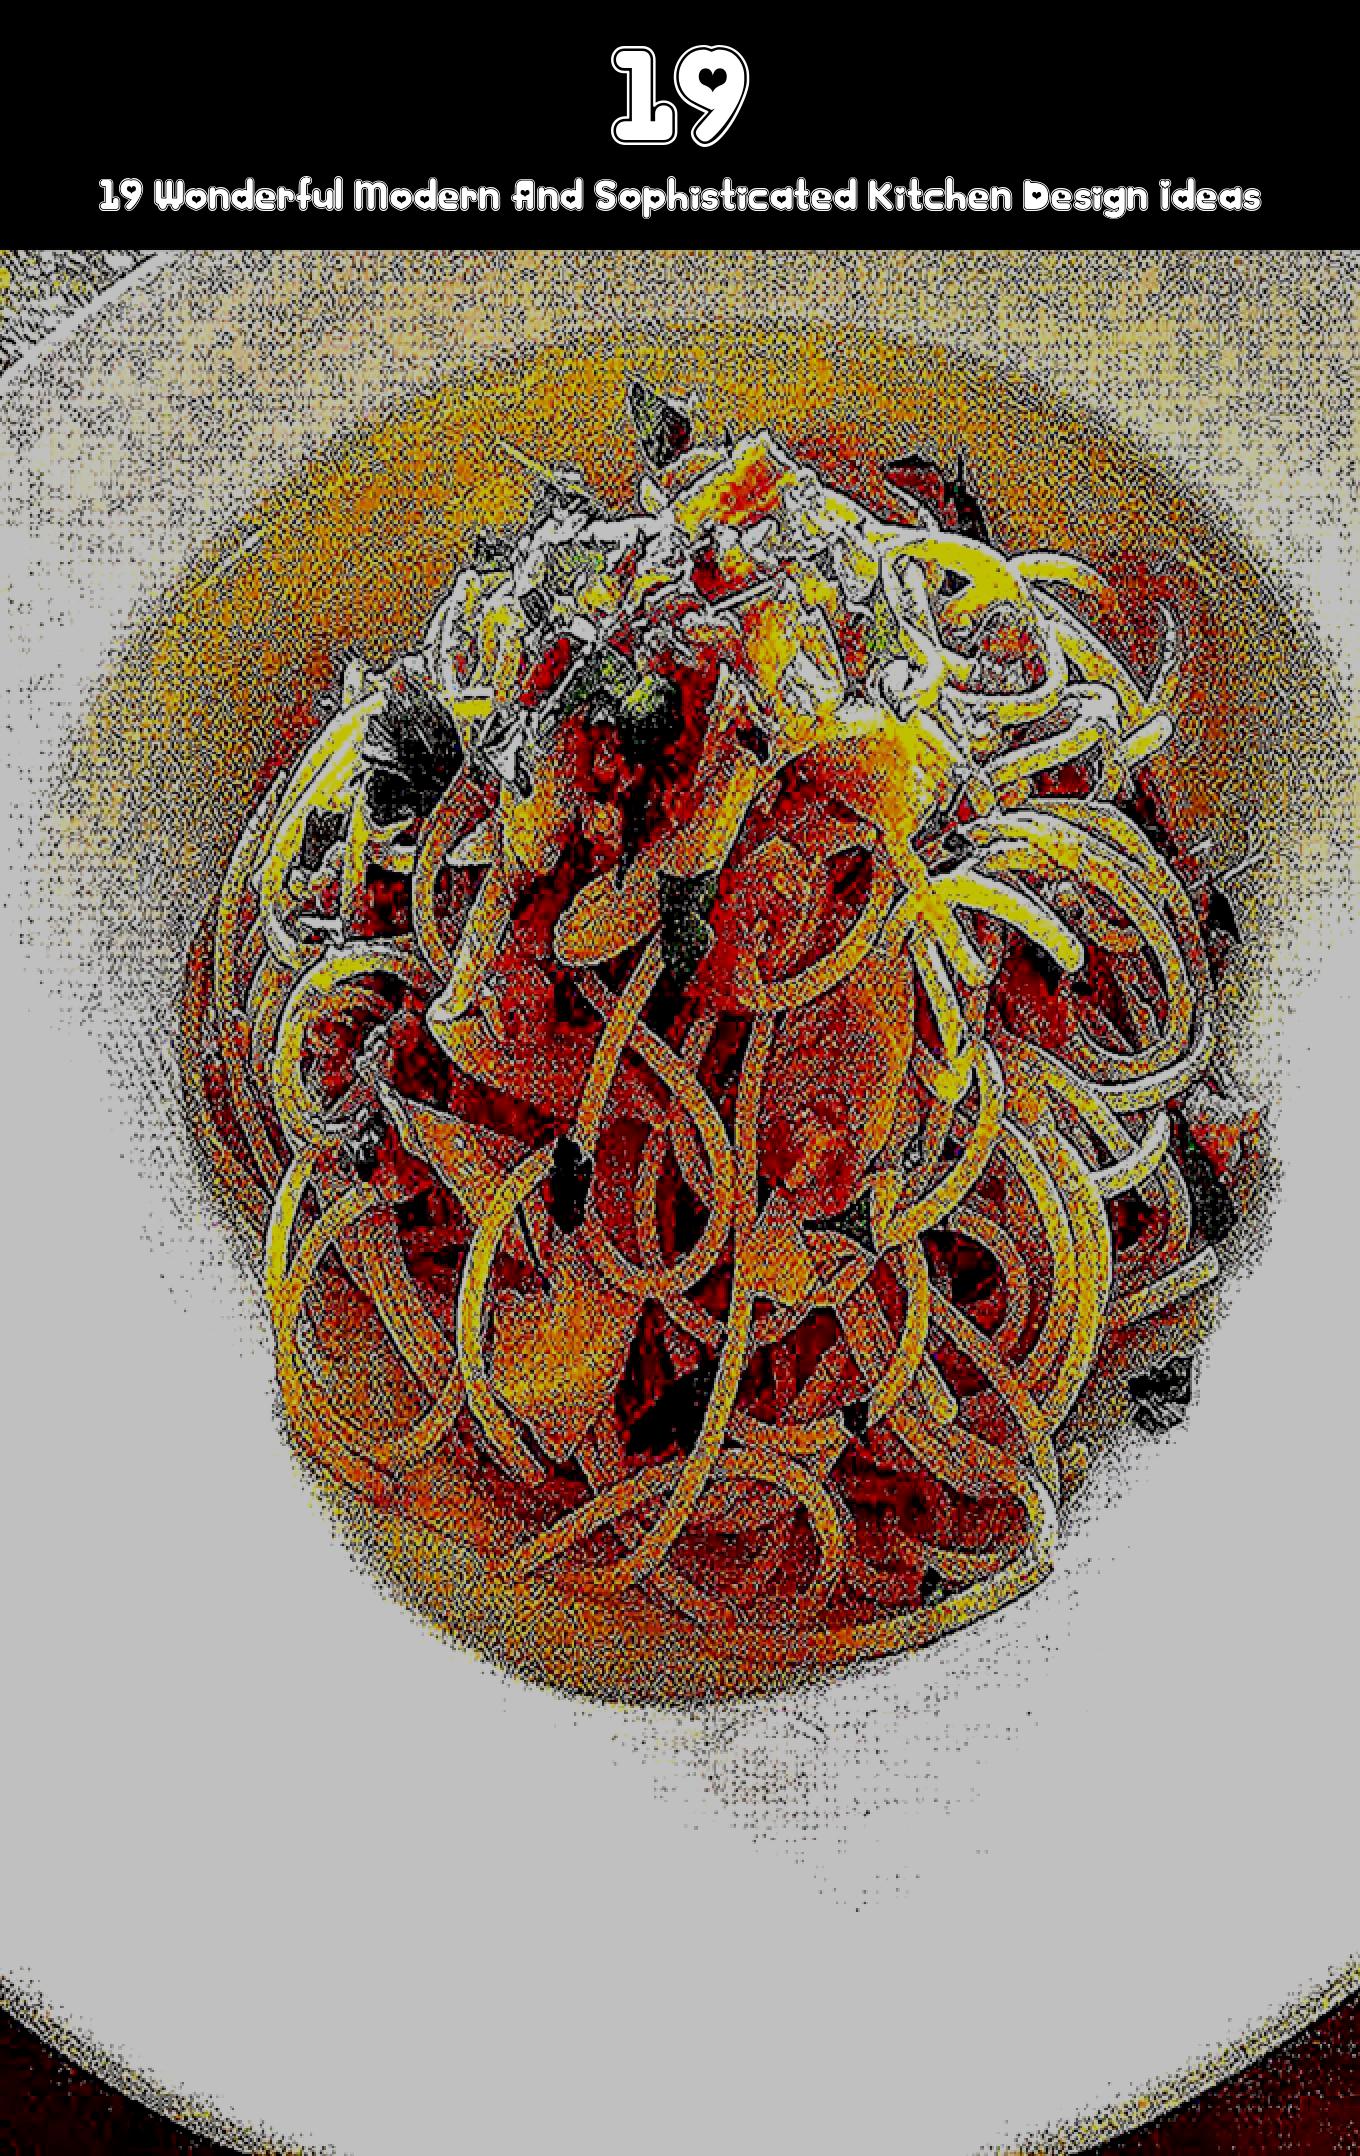 蛸のラグースパゲッティ😋  spaghetti al ragu di polpi  #ロステリア#オステリア#パスタ#芦屋#芦屋ランチ#昼飲み#隠れ家#イタリアン#イタリア好き#イタリア郷土料理#イタリア料理#ローマ料理#ワインバー#芦屋グルメ#スタッフ募集中#ワイン好き#ワイン酒場 #losteria#cucina#cucinaromana#food#pasta#italian#osteria#ashiya#vino#lunch #beaut #travelphotography #pattern